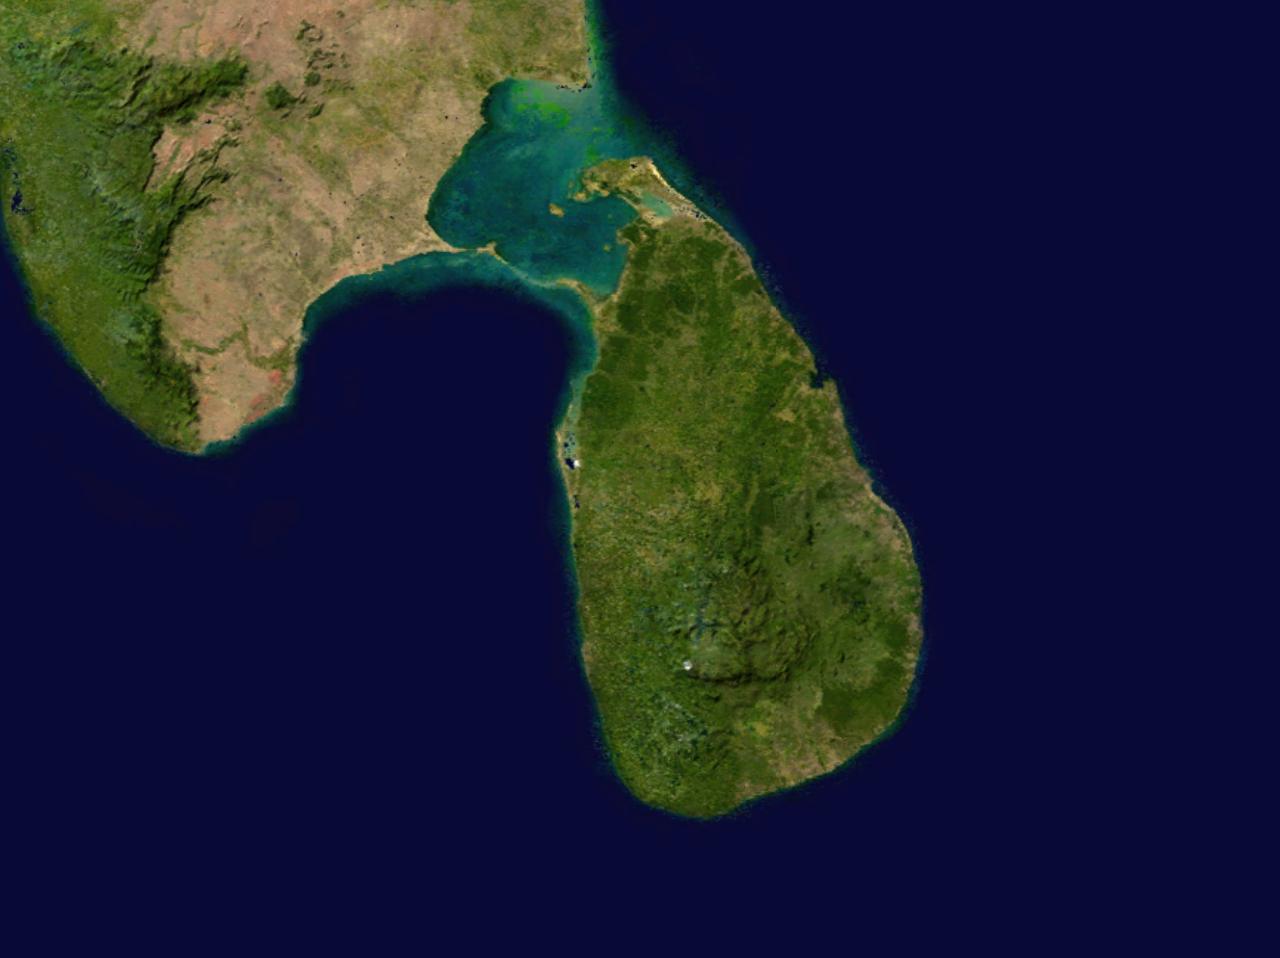 Serendib , est l'ancienne dénomination arabe, persan et en ourdou  pour le Sri Lanka